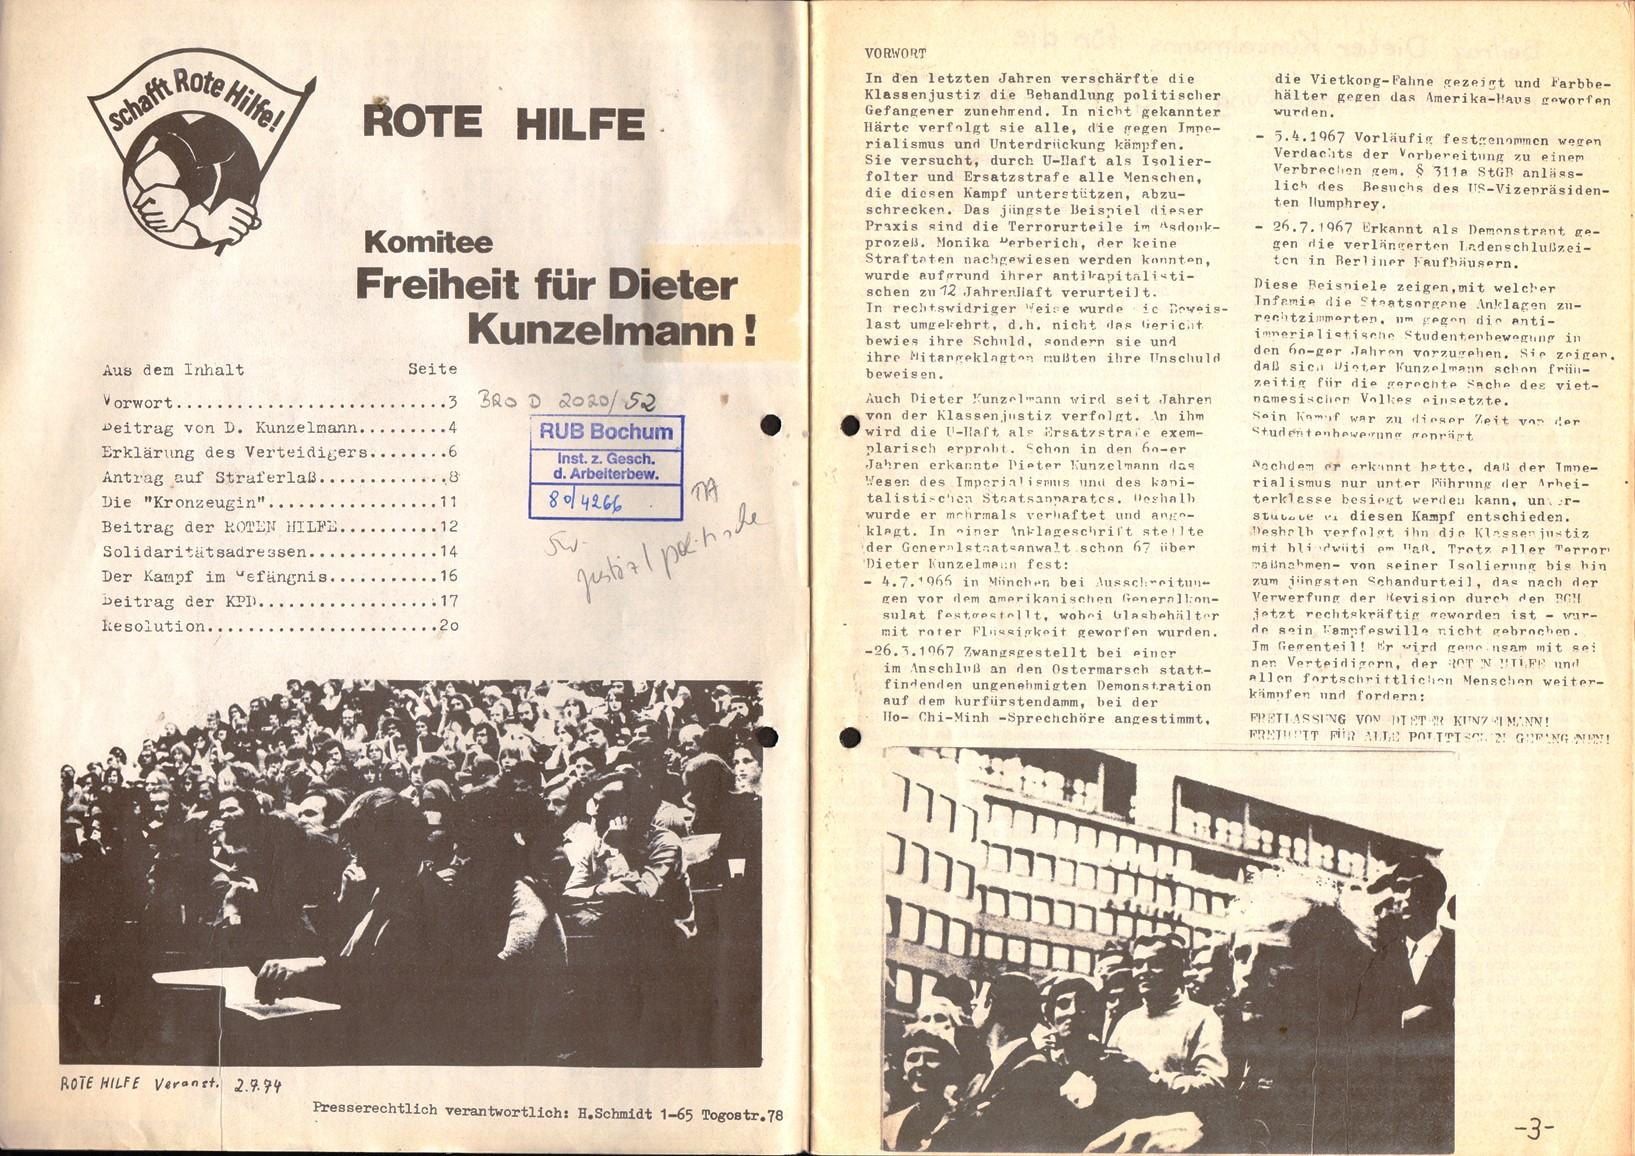 Berlin_RH_1974_Doku_Kunzelmann_1_02